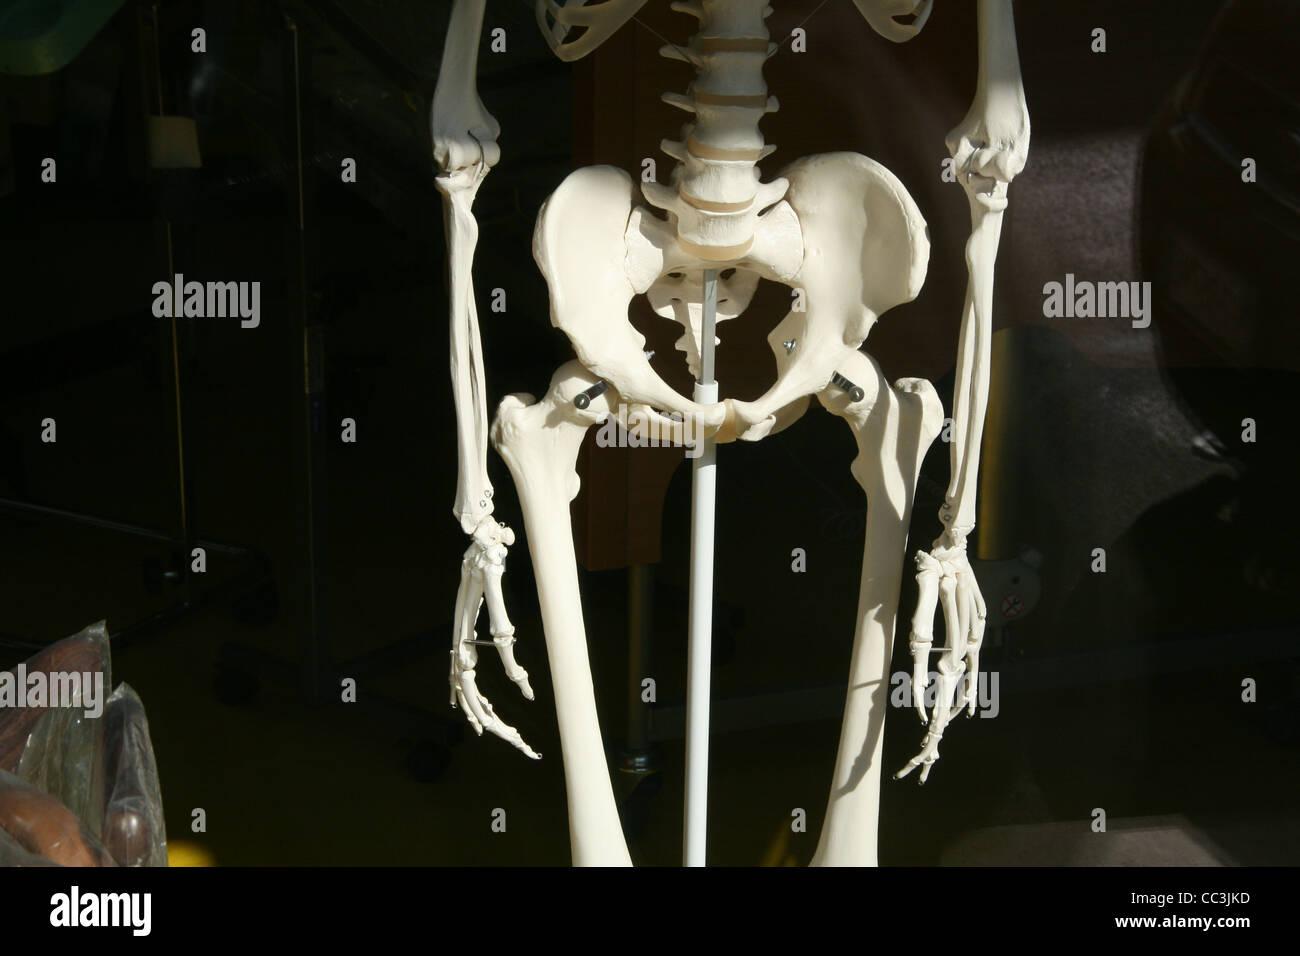 Human Bones In Arms Hands Stock Photos Human Bones In Arms Hands